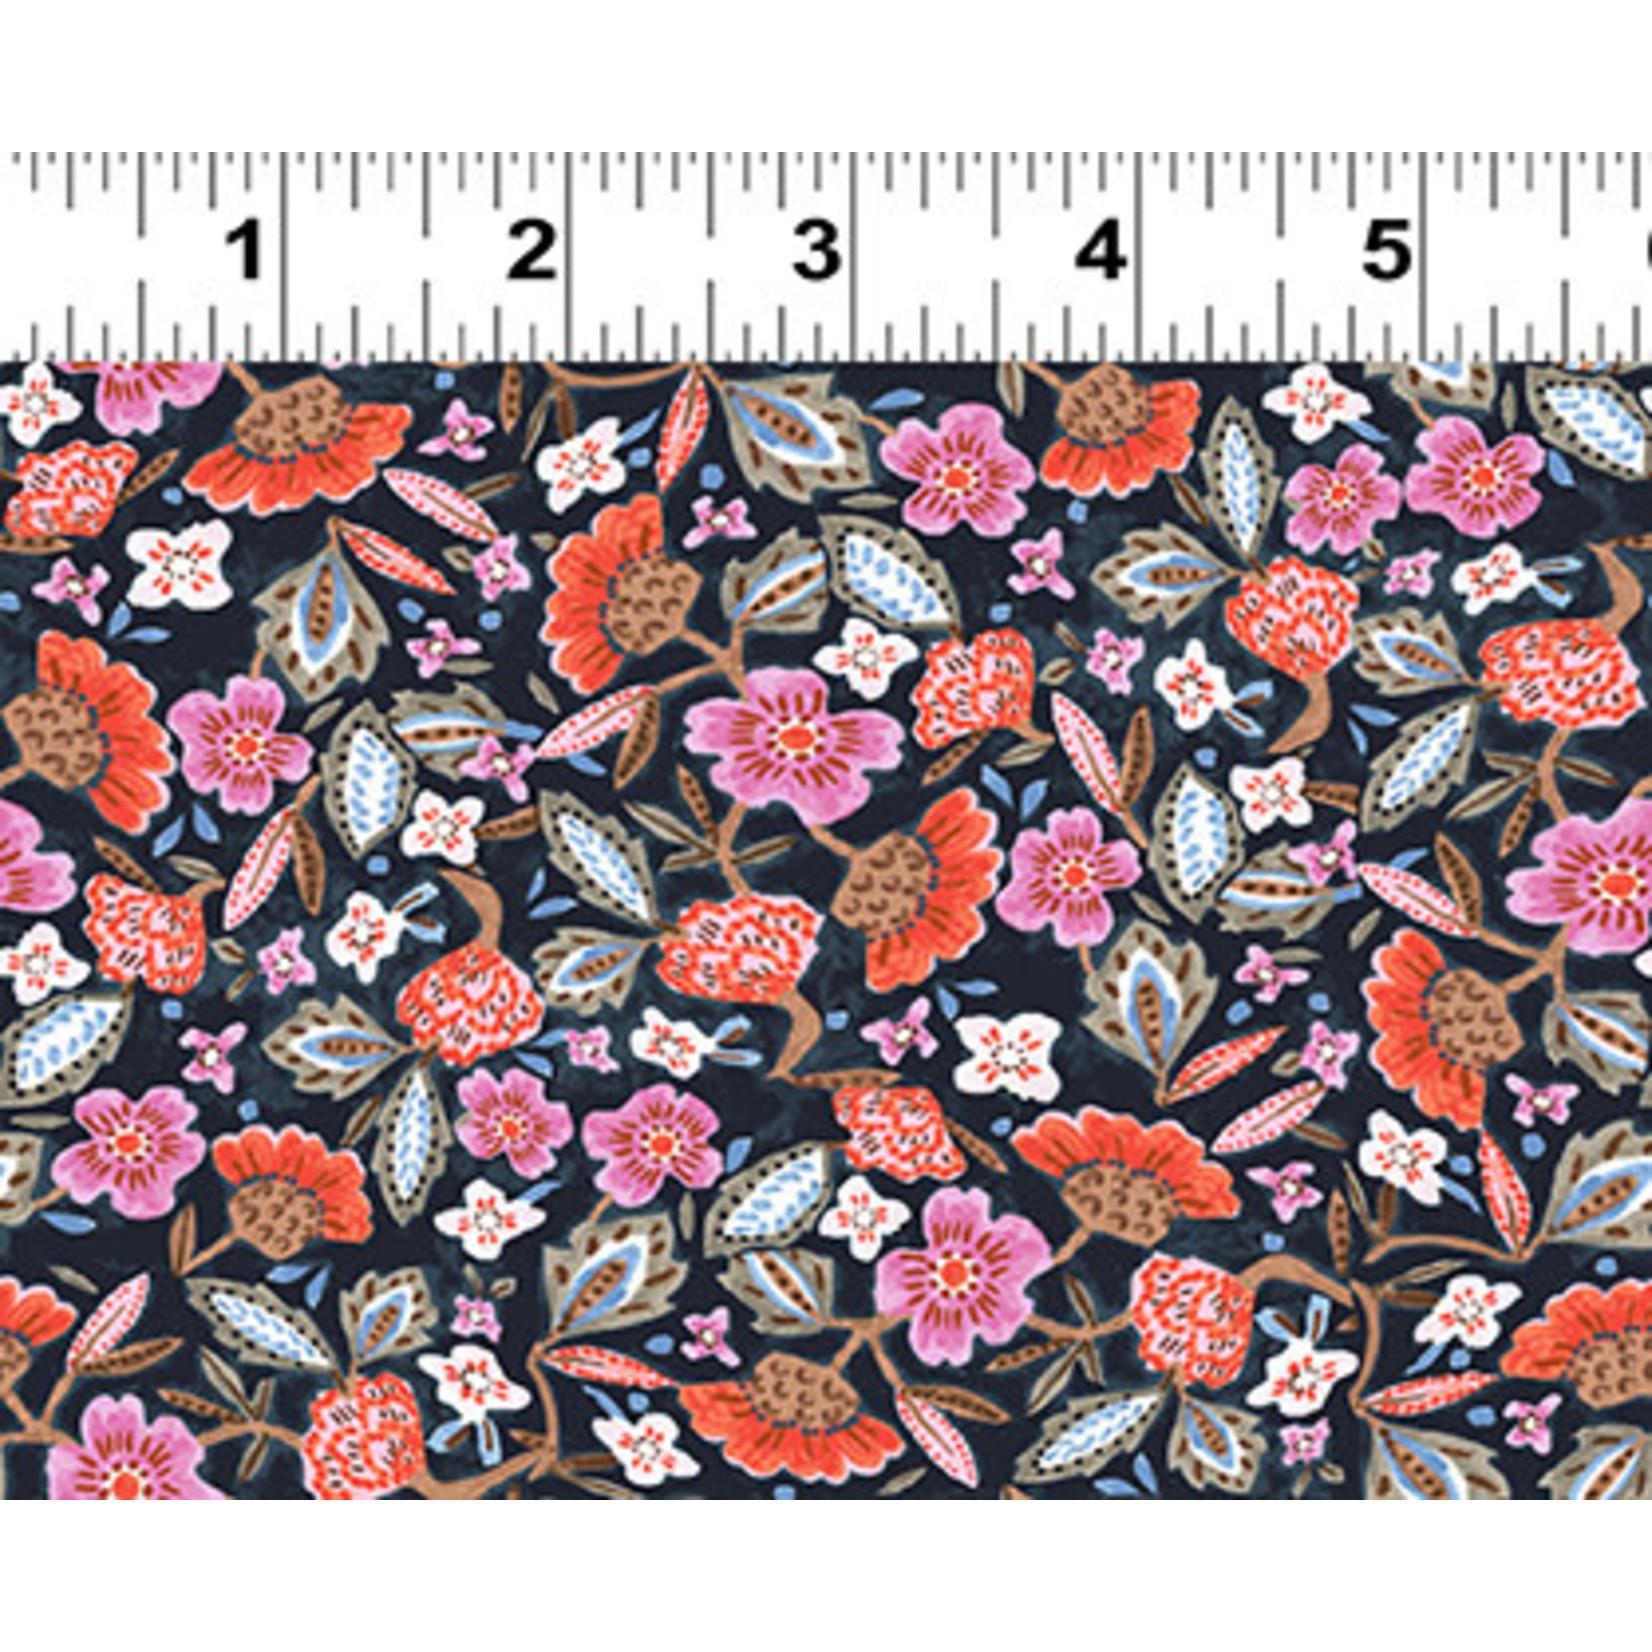 Clothworks Uptown, Floral, Light Navy Y3145-93 $0.20 per cm or $20/m